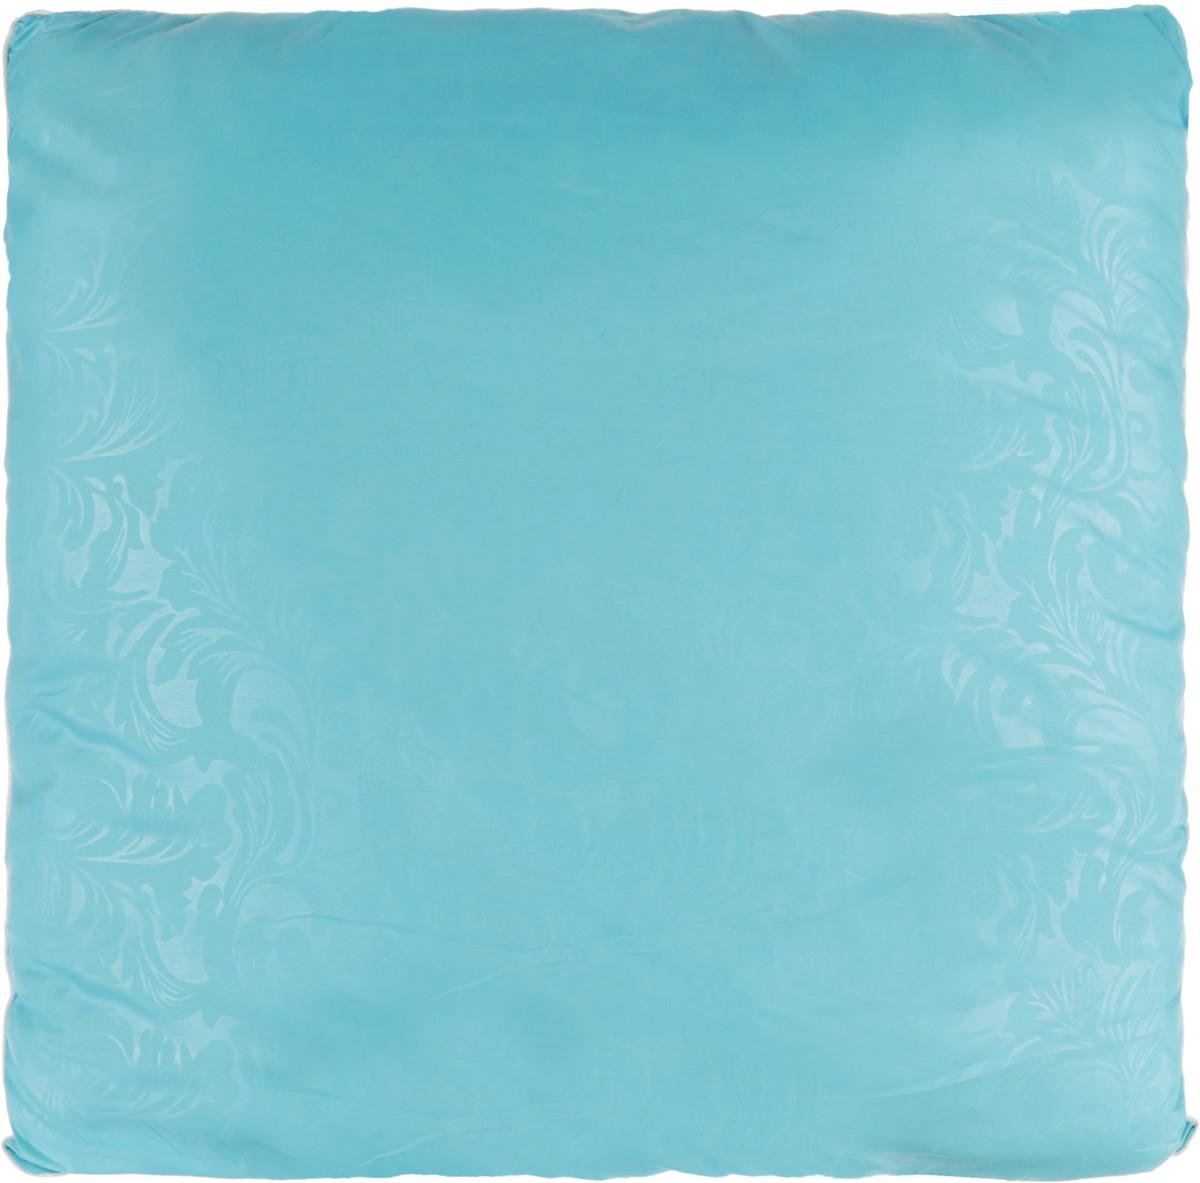 Подушка Smart Textile Безмятежность, наполнитель: лебяжий пух, цвет: голубой, 70 х 70 смНВЛ-40 LeoУдобная и мягкая подушка Smart Textile Безмятежность подарит здоровый сон и отличный отдых. Чехол подушки на молнии выполнен из микрофибры с красивым узором. В качестве наполнителя используется лебяжий пух. Лебяжий пух - это 100% сверхтонкое высокосиликонизированное волокно. Такой наполнитель мягкий, приятный на ощупь и гипоаллергенный. Подушка удобна в эксплуатации: легко стирается, быстро сохнет, сохраняя первоначальные свойства, устойчива к воздействию прямых солнечных лучей, износостойка и прочна. Изделие обладает высокой теплоизоляционной способностью - не вызывает перегрева головы. Подушка обеспечит правильную поддержку головы и шеи во время сна. Наполнитель не сбивается в комки и сохраняет тепло. Подушка с этим наполнителем подойдет людям, склонным к аллергии, так как отталкивает пыль и не впитывает запахи.